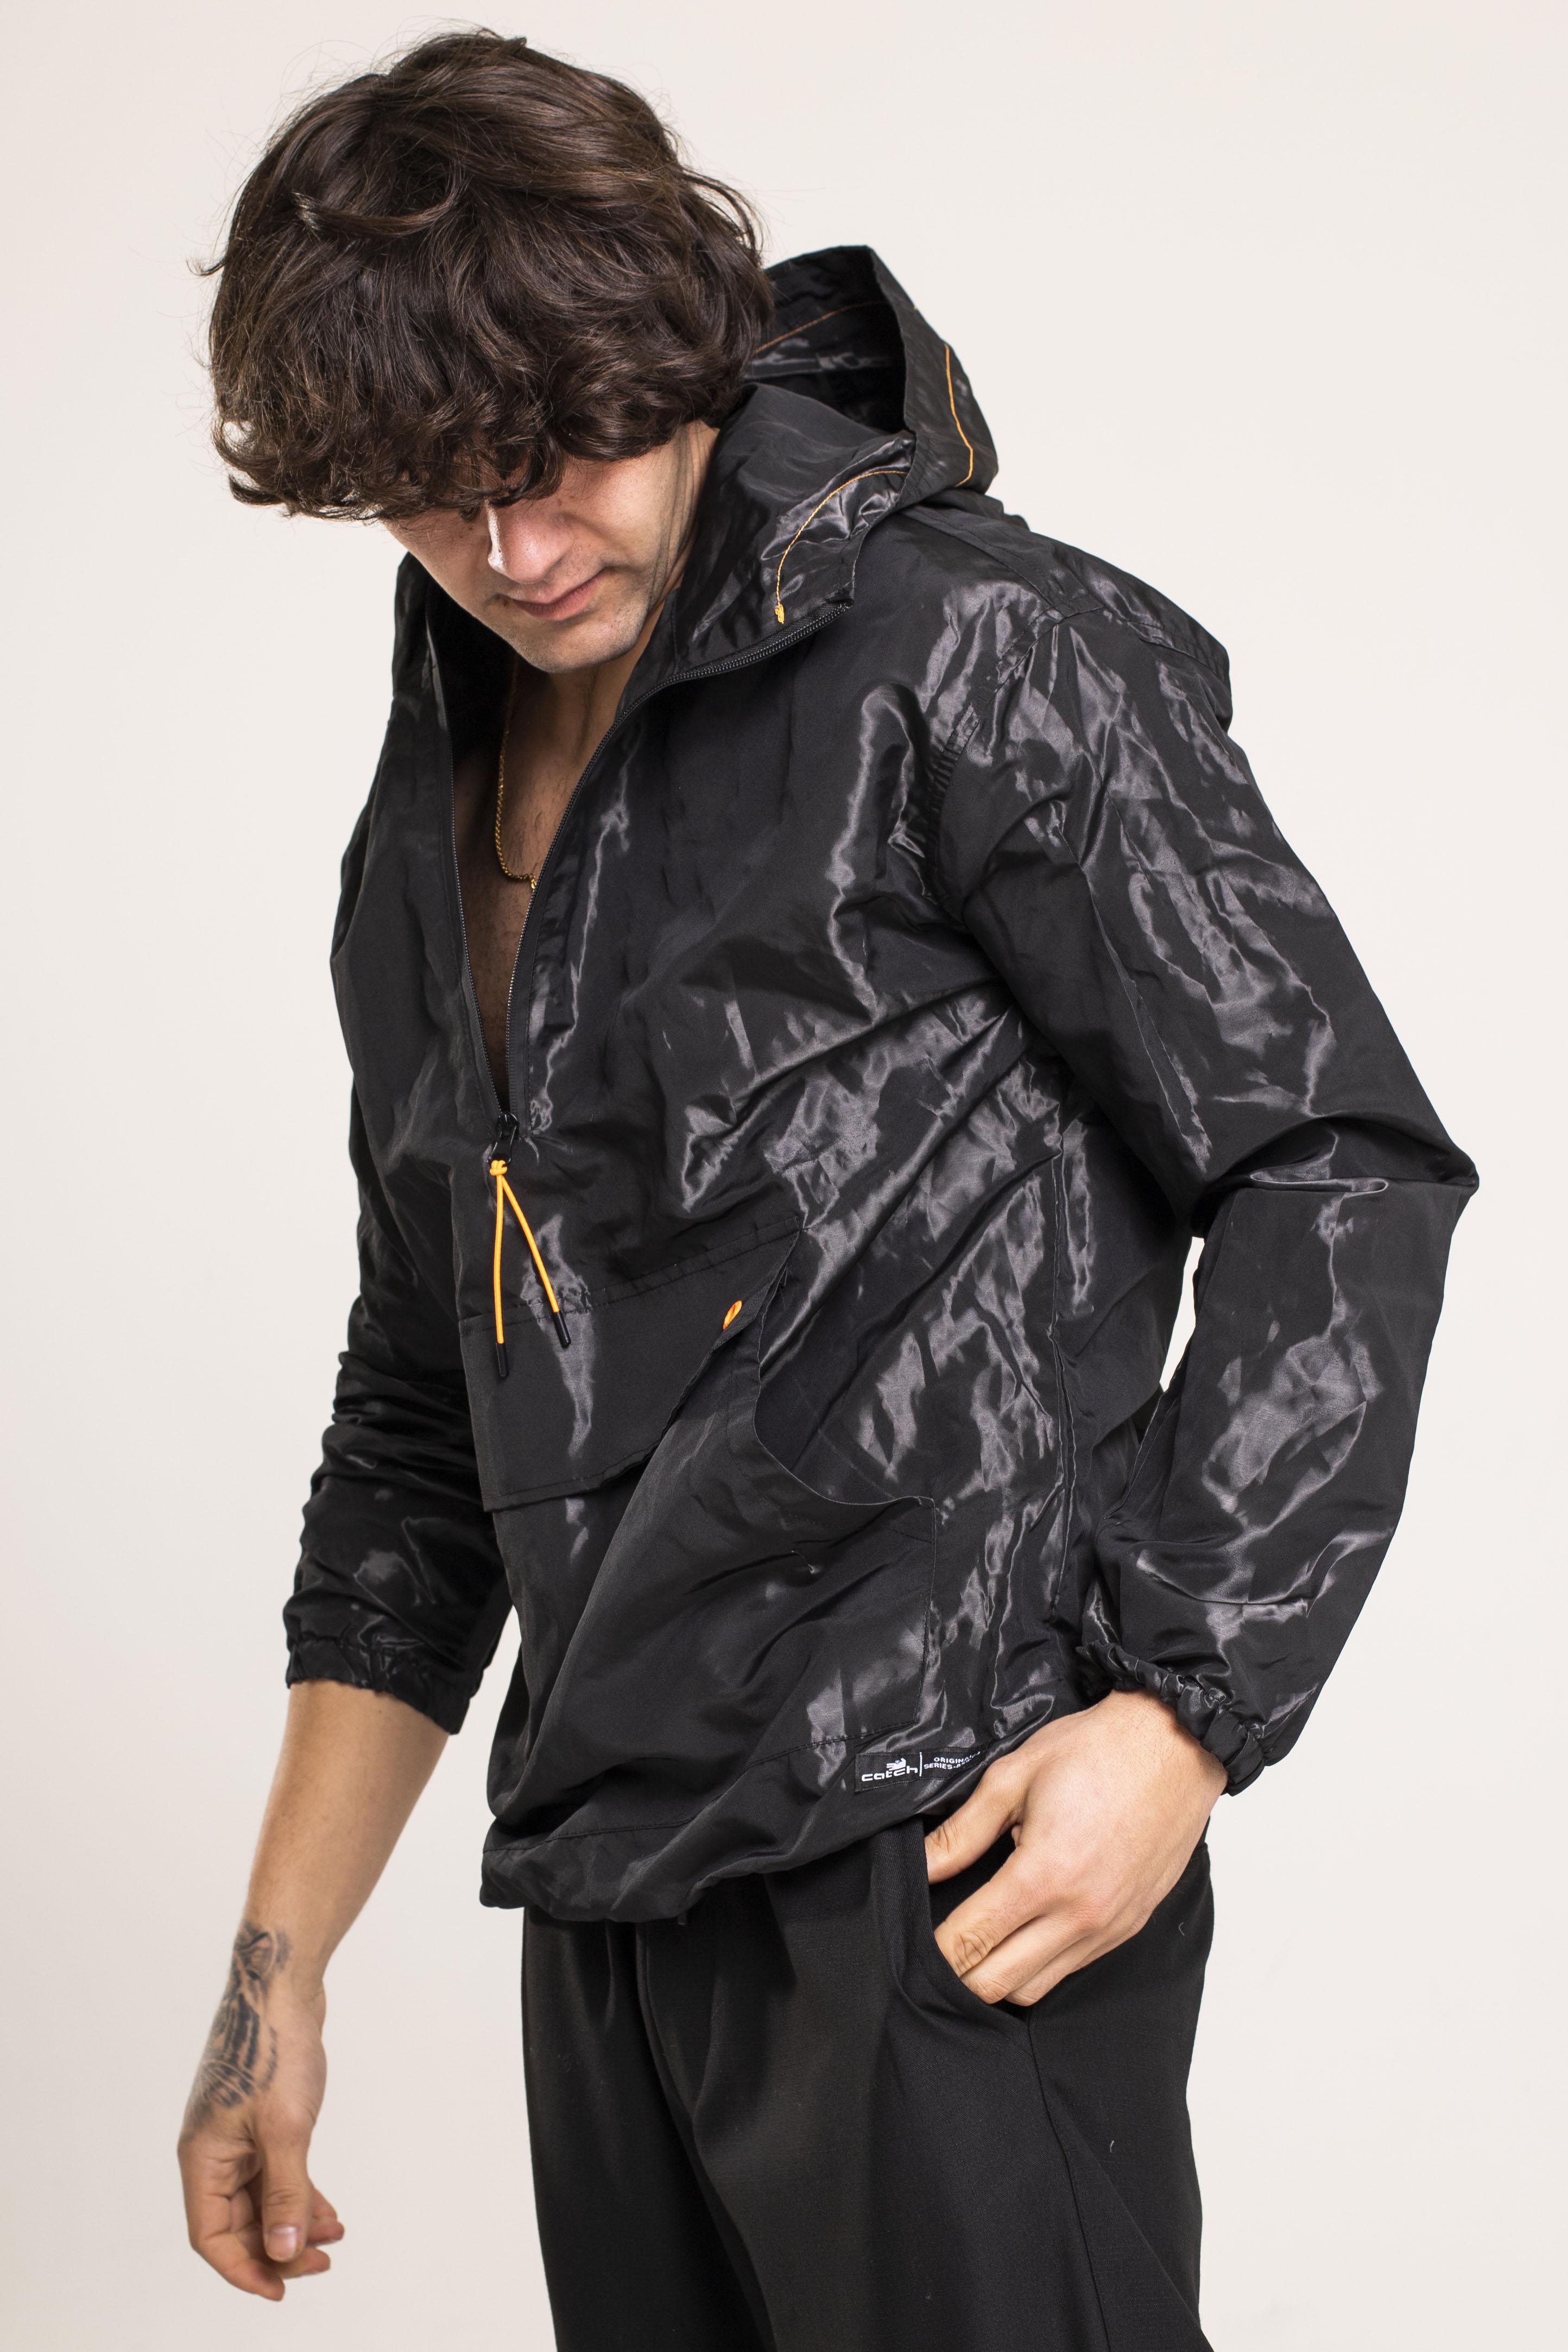 XHAN - Siyah Kanguru Cepli Yağmurluk 1KXE4-44522-02